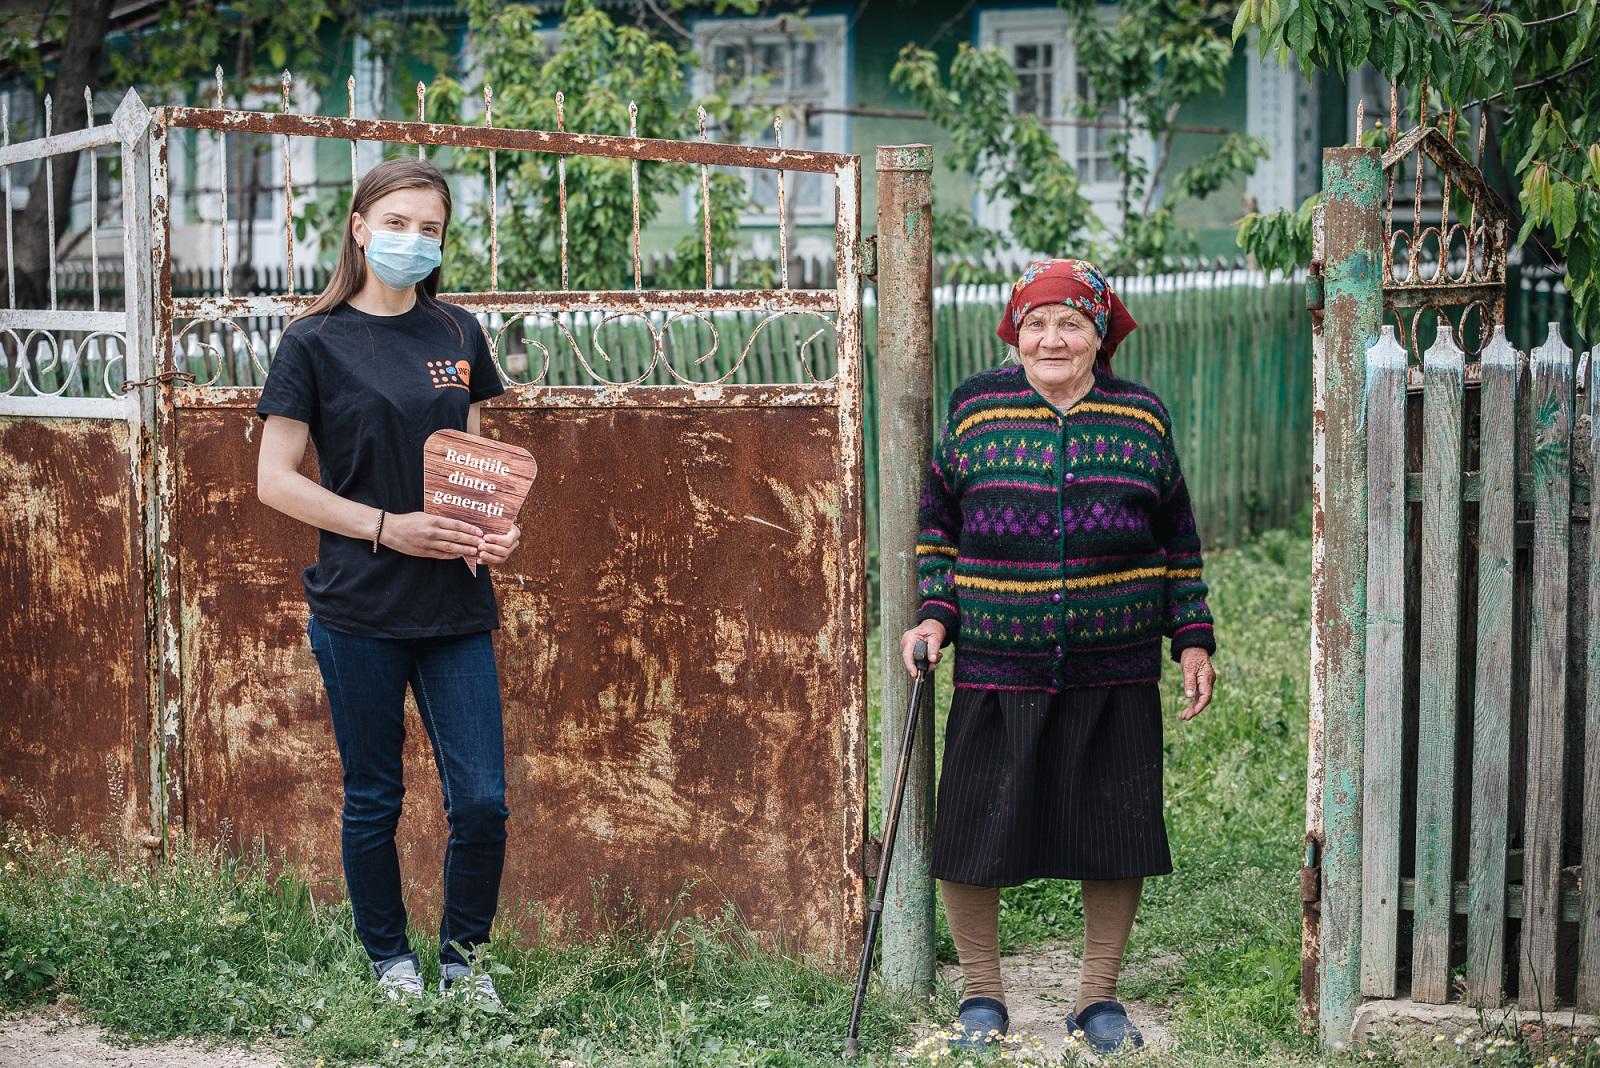 Analiza riscurilor pandemiei COVID-19 asupra persoanelor vârstnice din Republica Moldova